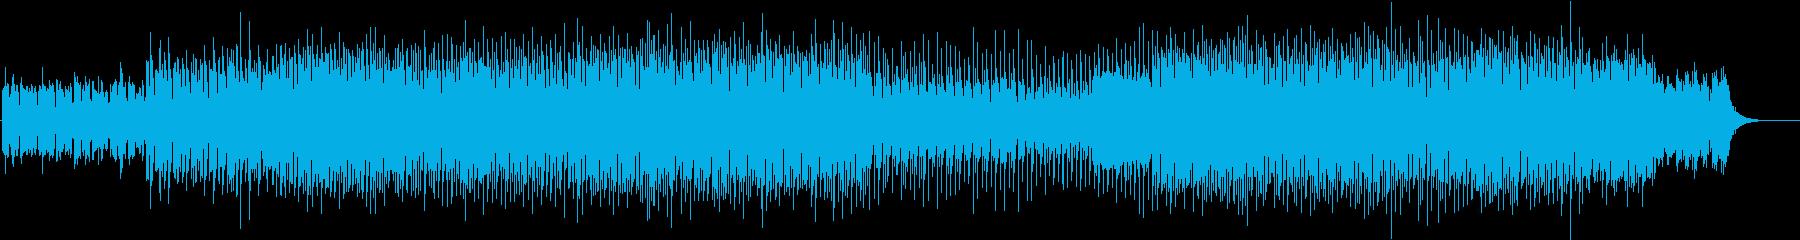 不穏な雰囲気のテクノBGMの再生済みの波形